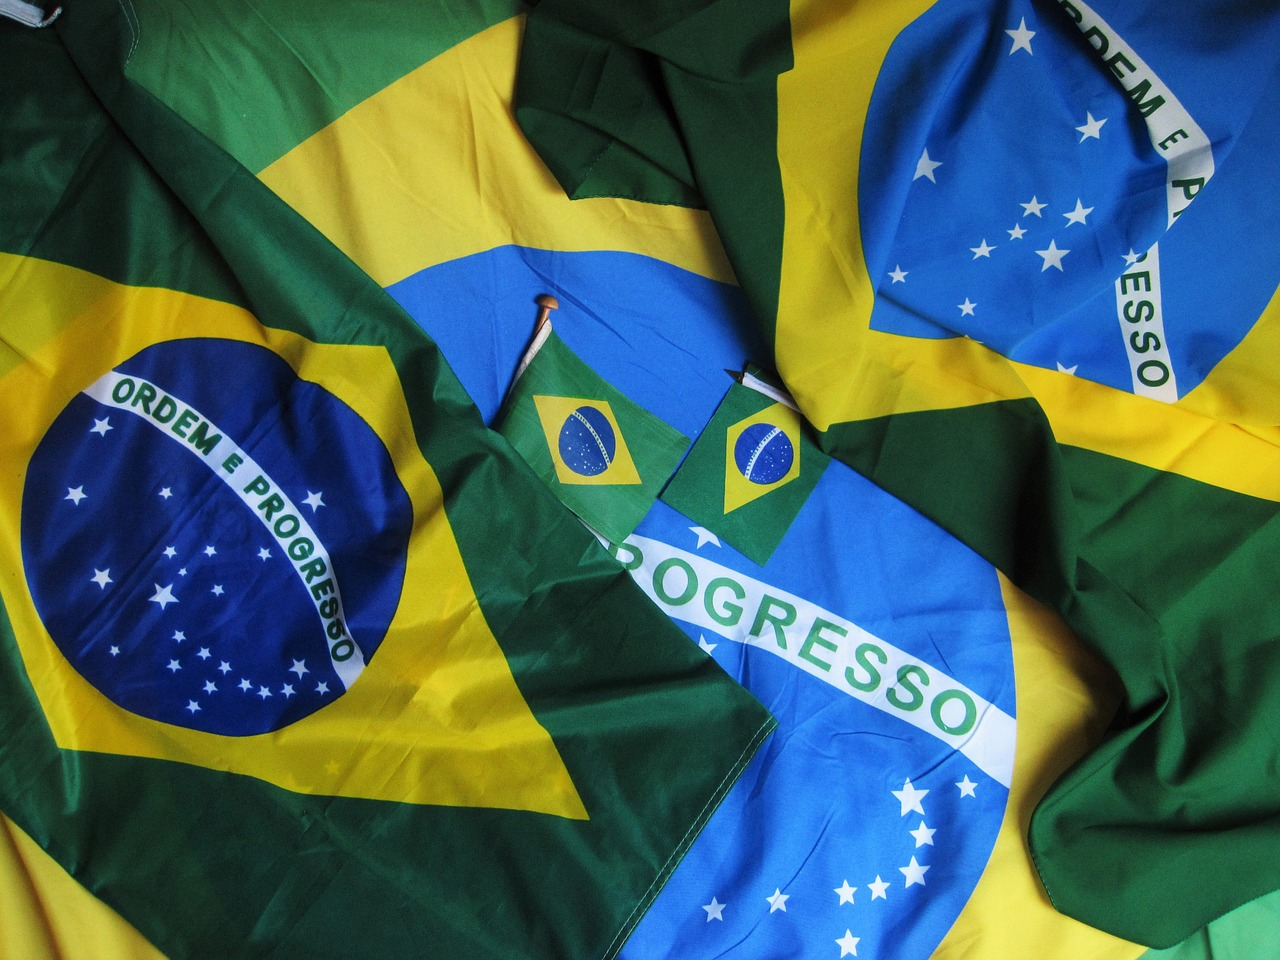 Ingressos para o jogo do Brasil e Argentina; veja como comprar